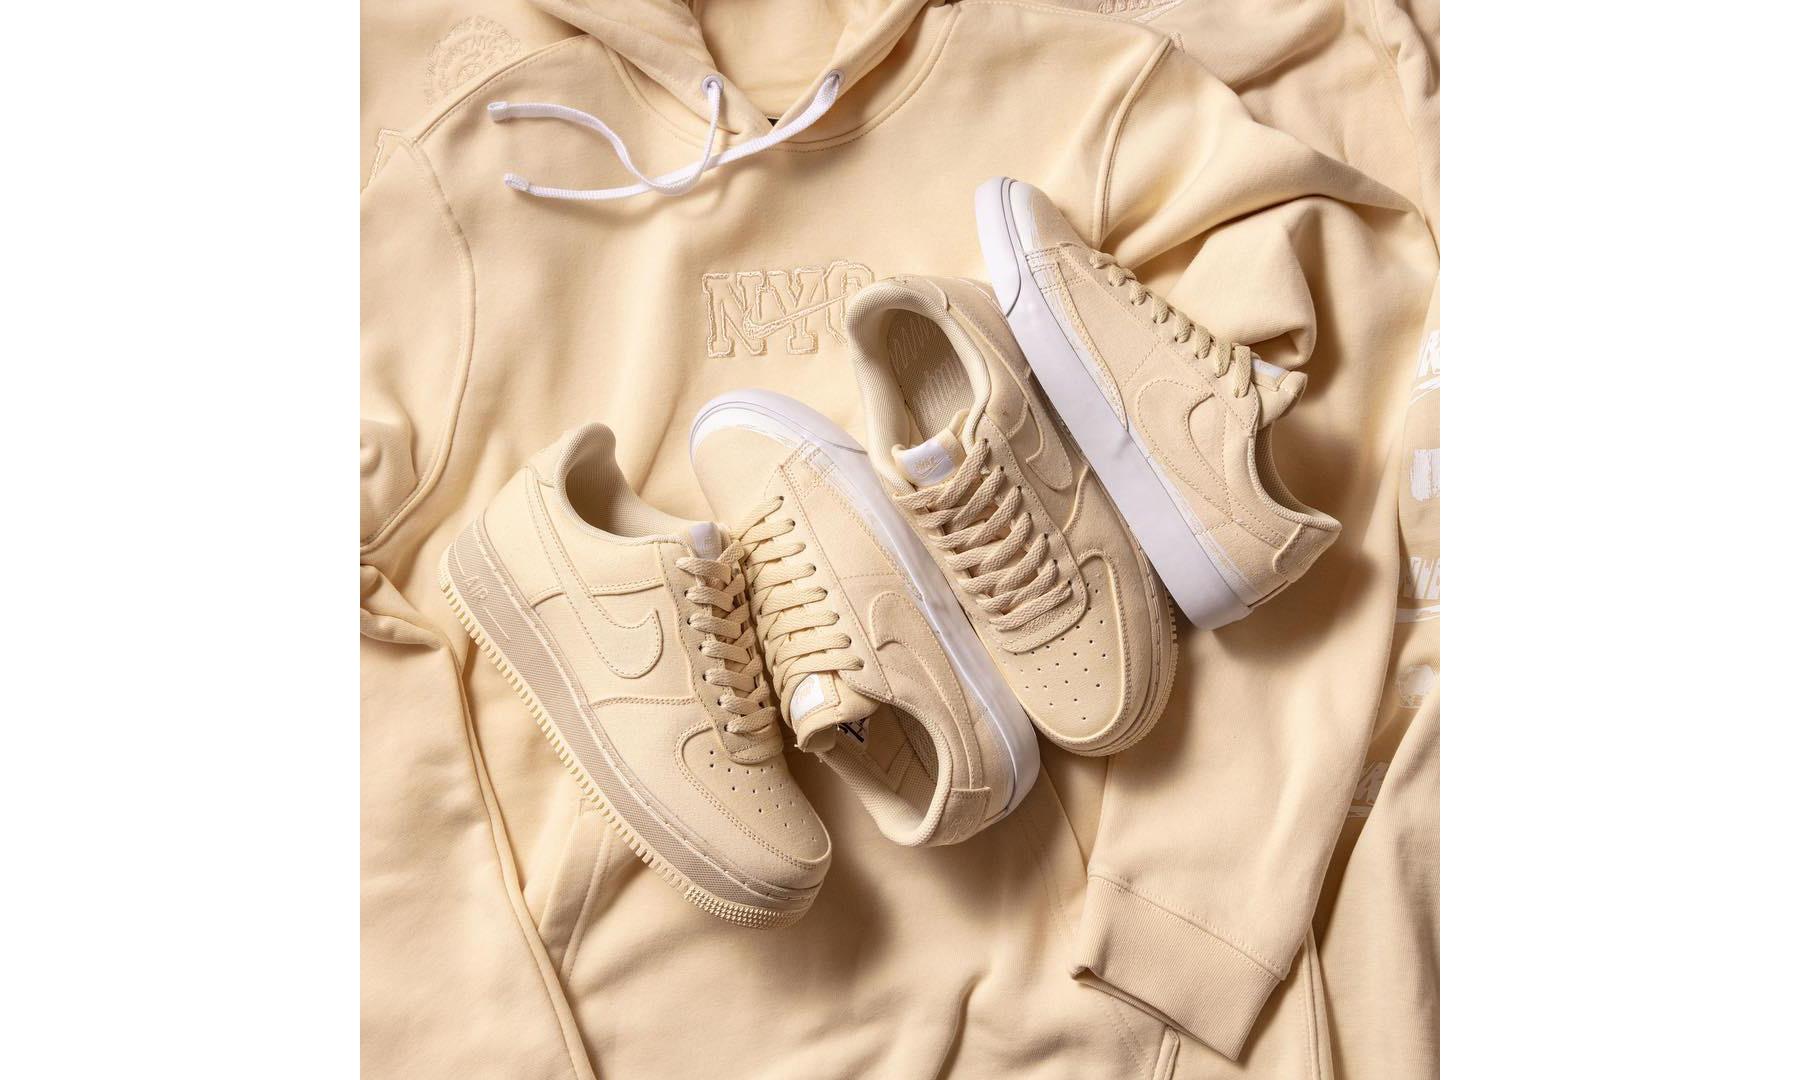 美区发售,Procell x Nike 联名系列将在明早登陆 SNKRS